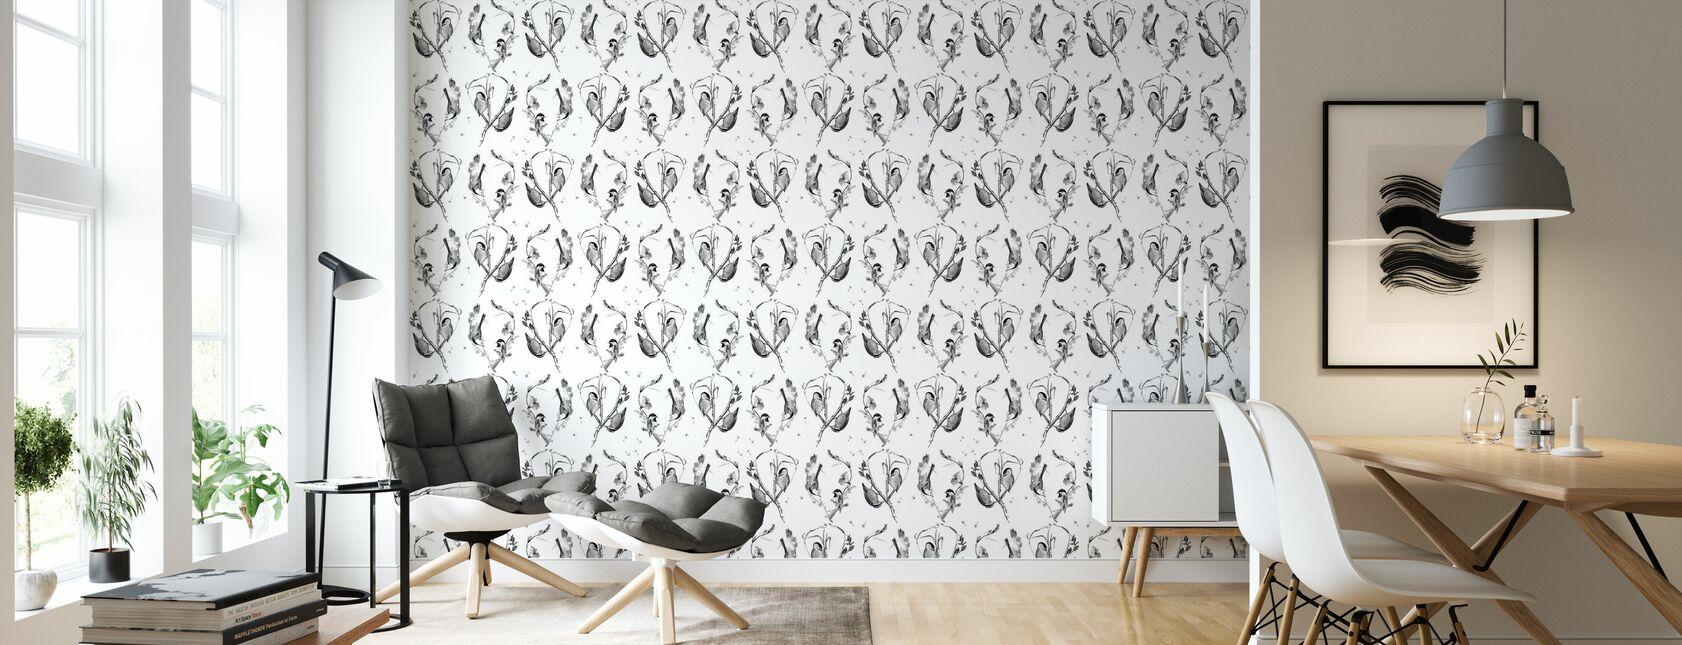 Cuckoo's Nest - Wallpaper - Living Room